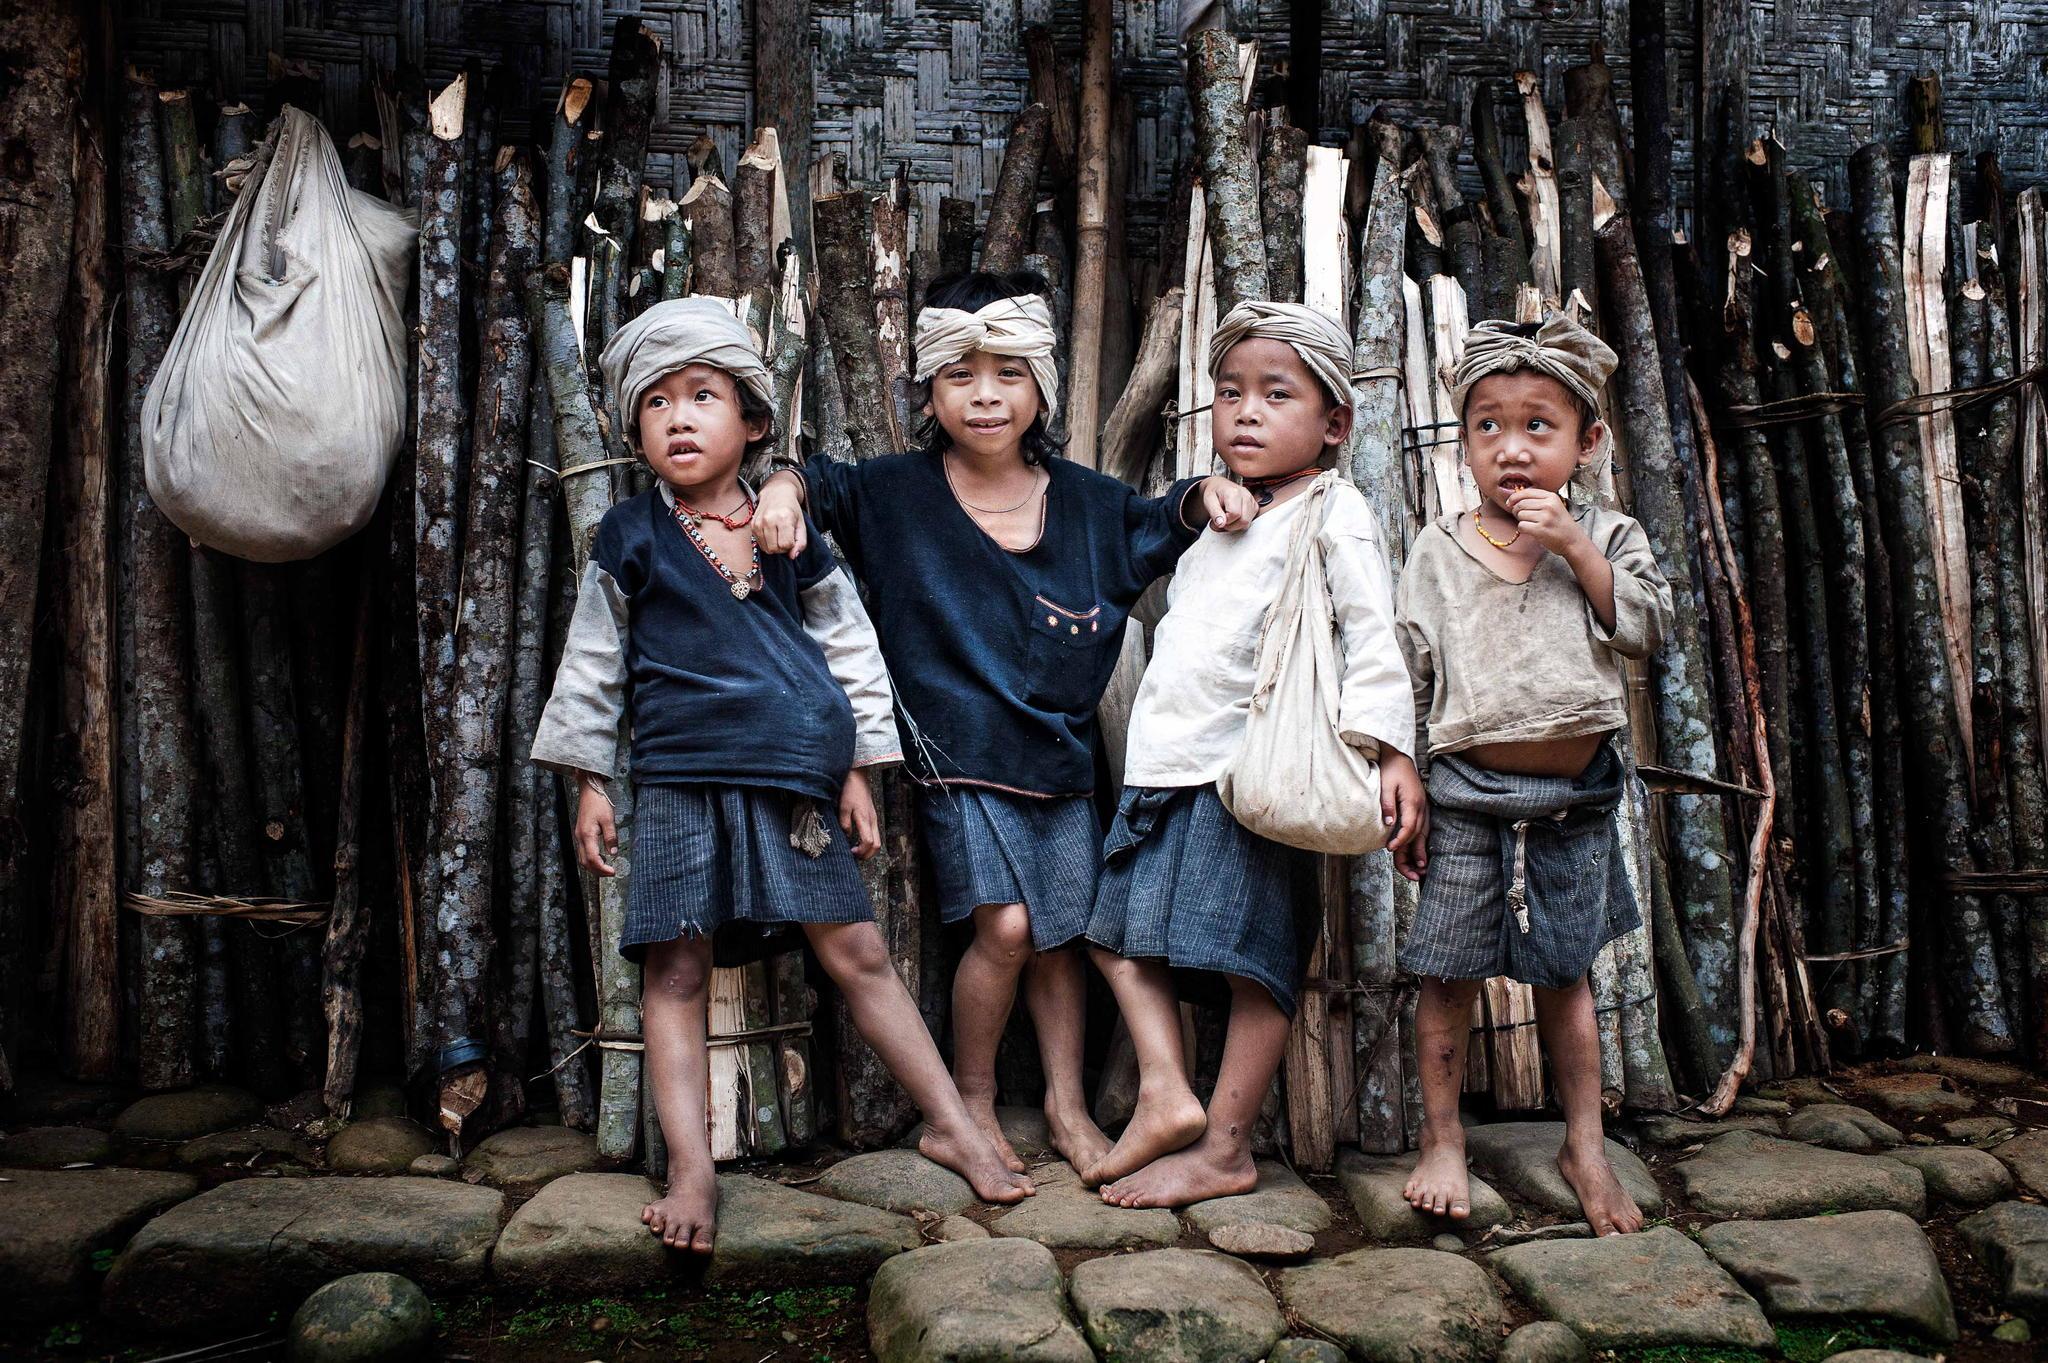 Anak-anak Suku Baduy luar dan dalam | Sumber: banten.travel